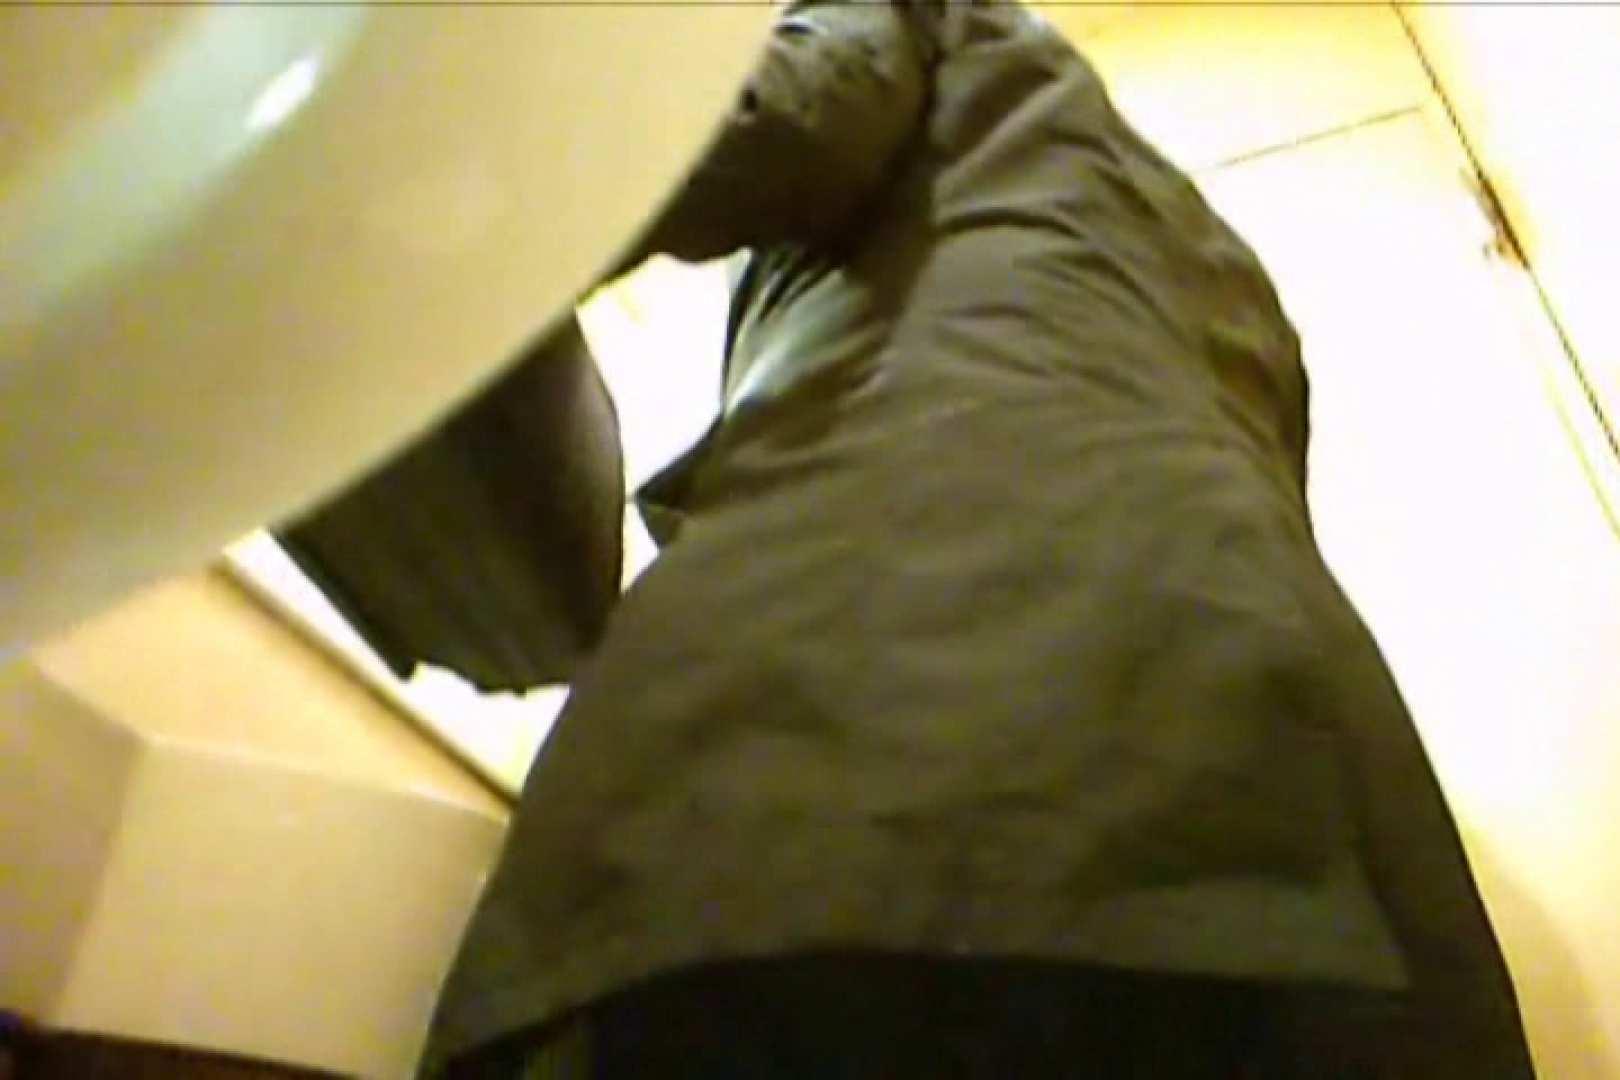 Gボーイ初投稿!掴み取りさんの洗面所覗き!in新幹線!VOL20 スジ筋系マッチョマン ゲイアダルト画像 21連発 4